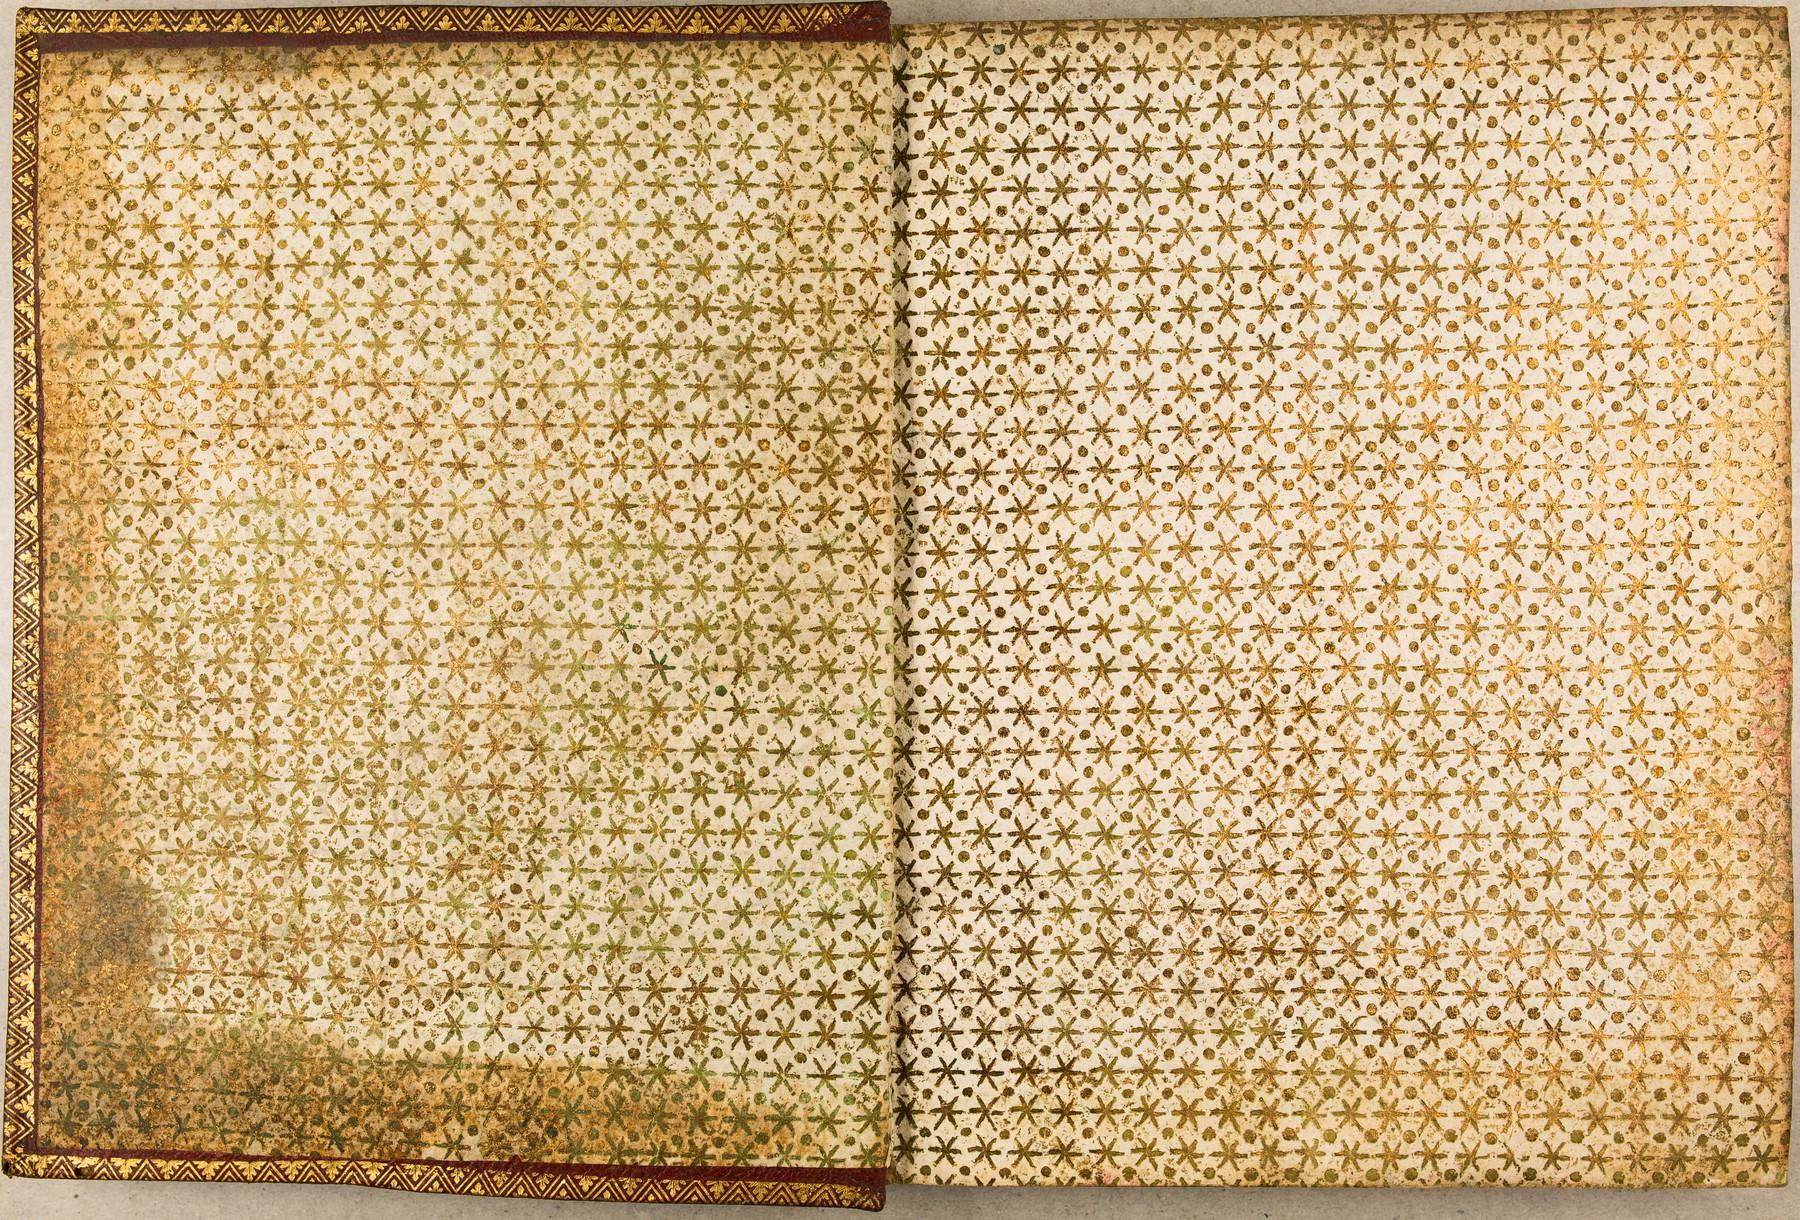 Contenu du Papier dominoté doré